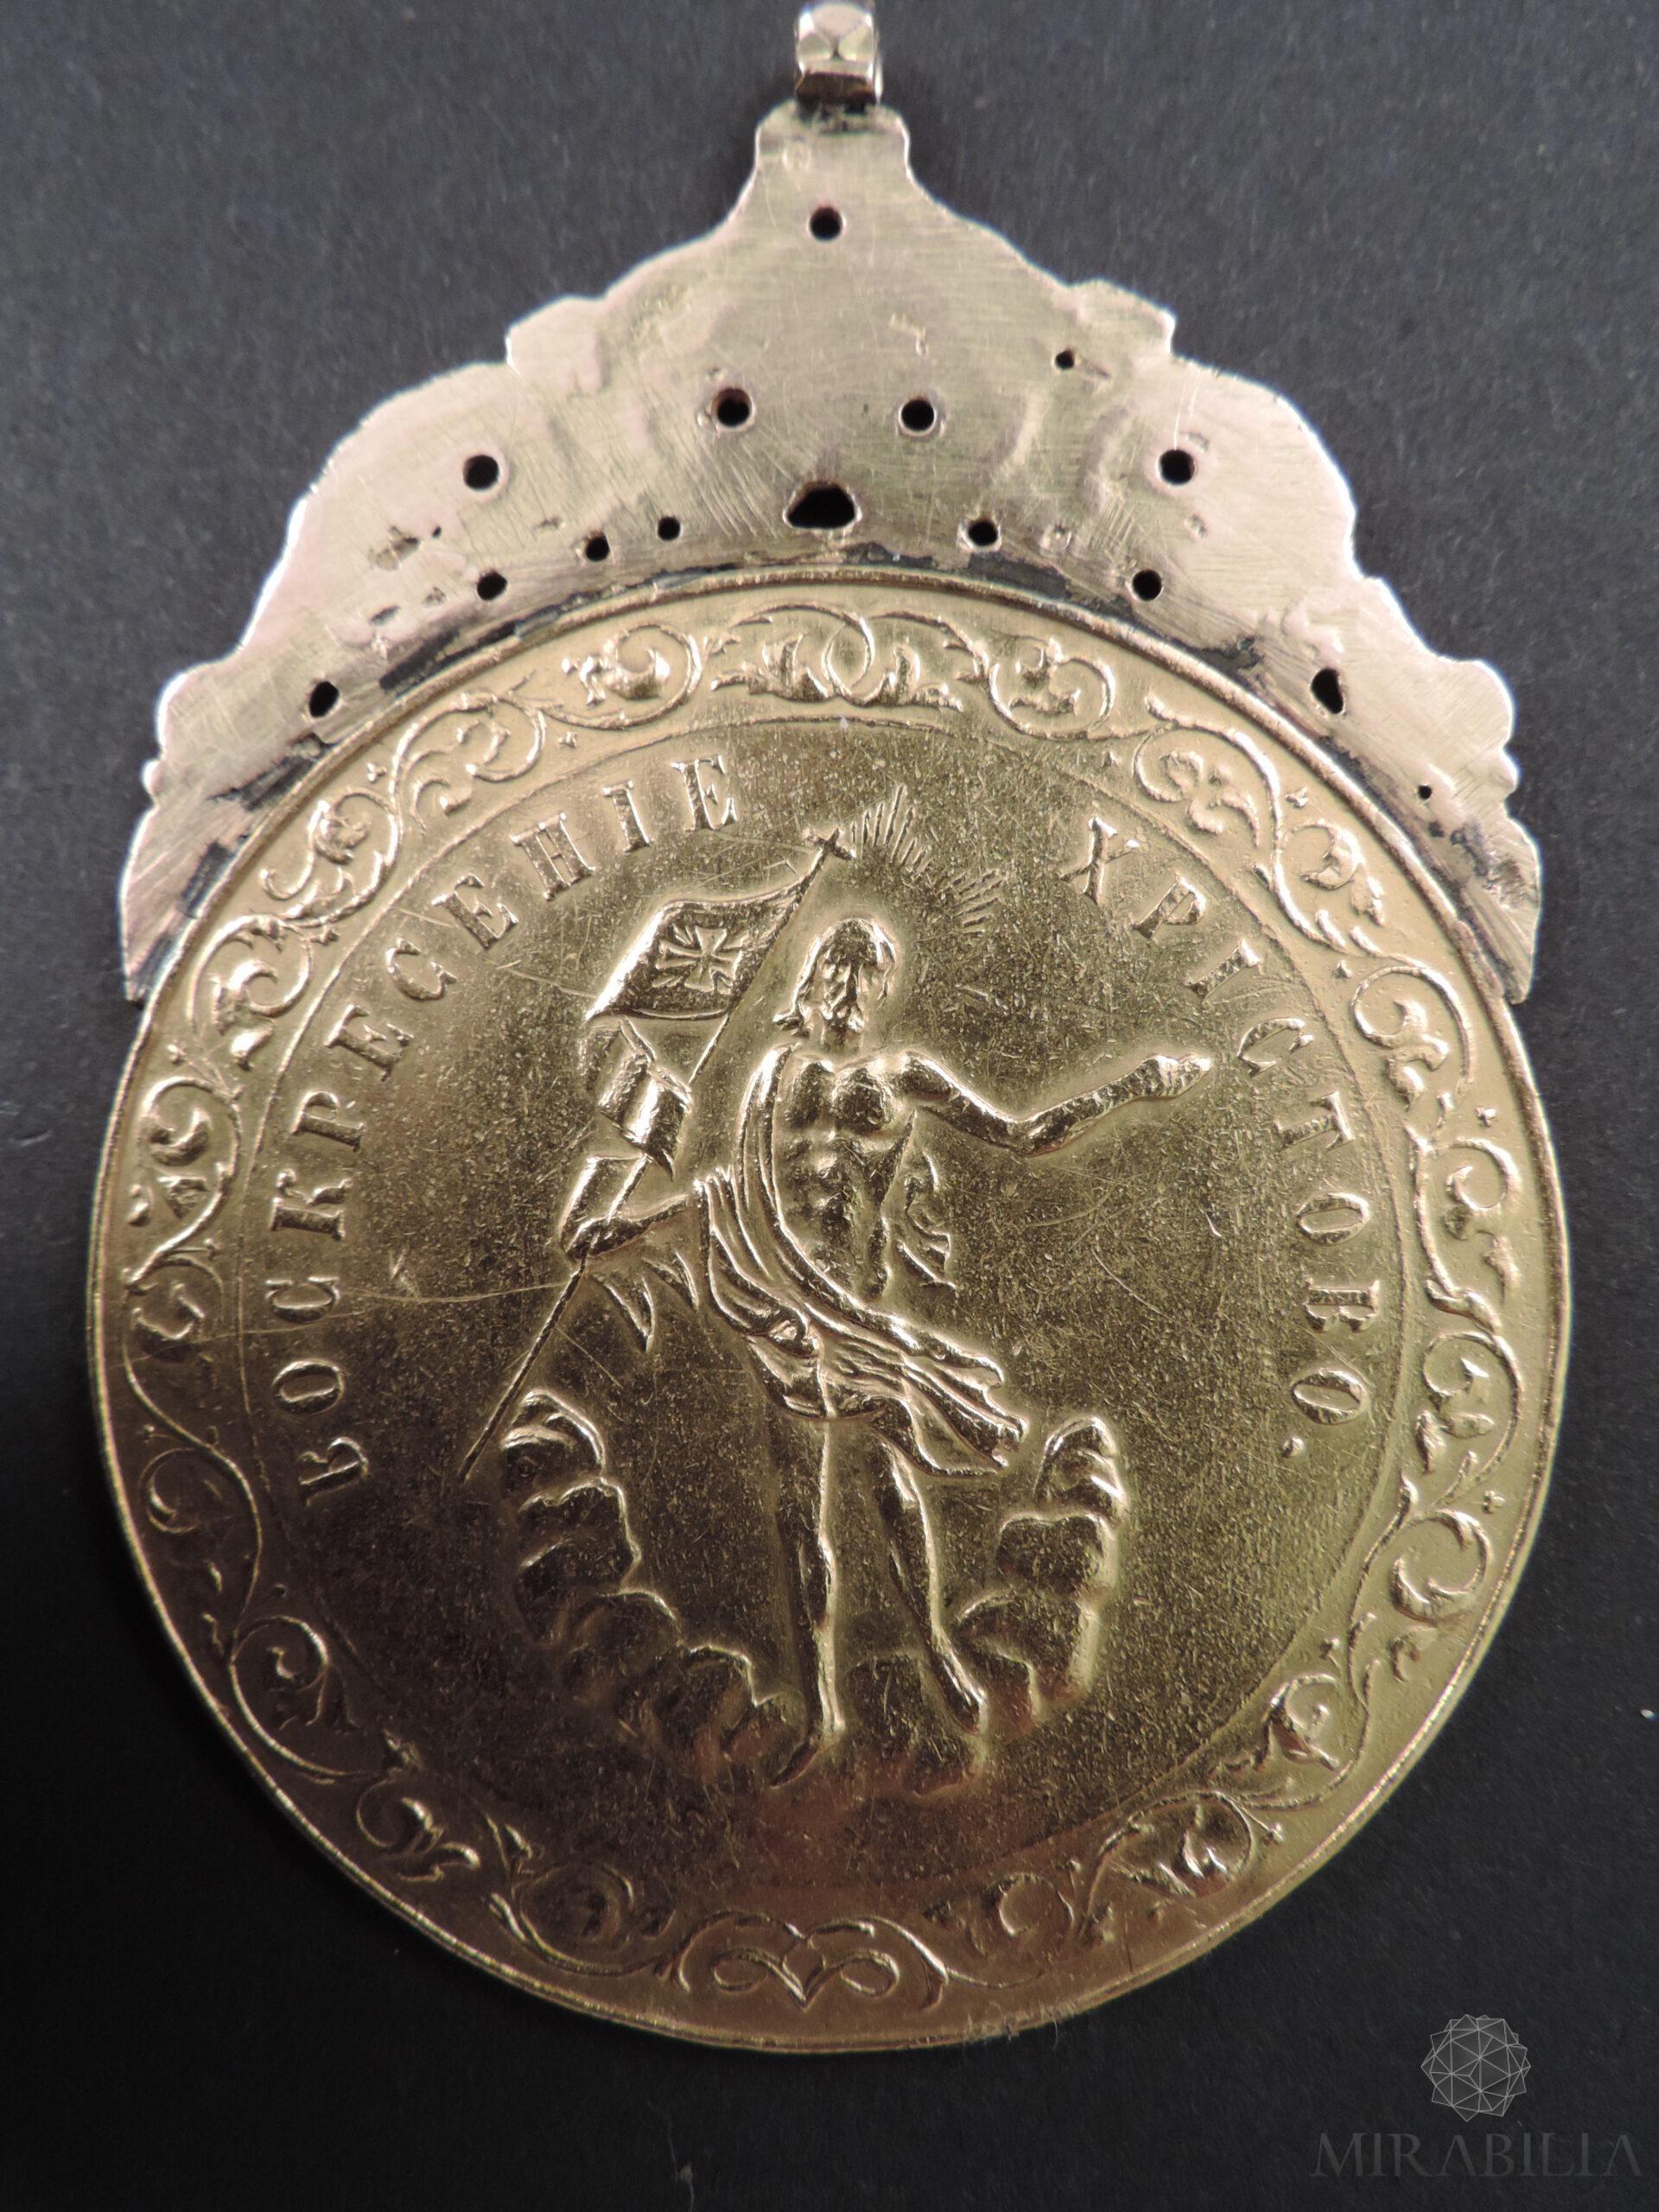 """Medaglia russa in oro con tema religioso Cristo Risorto, con in mano il """"Salvifico Vessillo della Vera Croce"""" o Croce di San Giorgio (dettaglio retro)"""